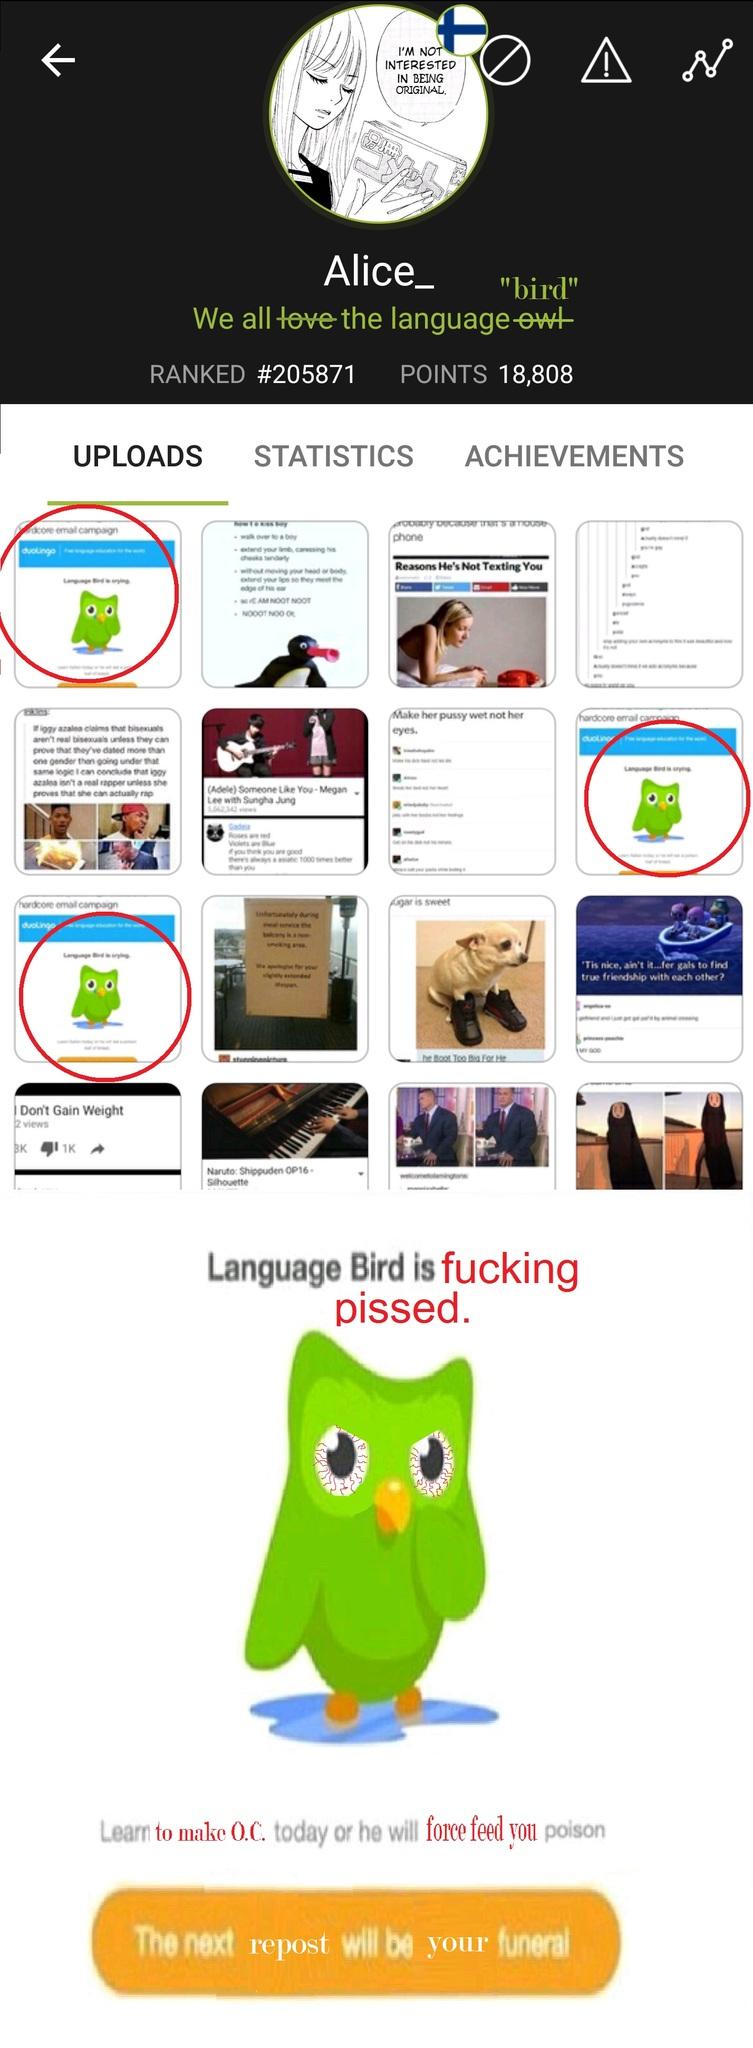 Language bird has had enough. - meme